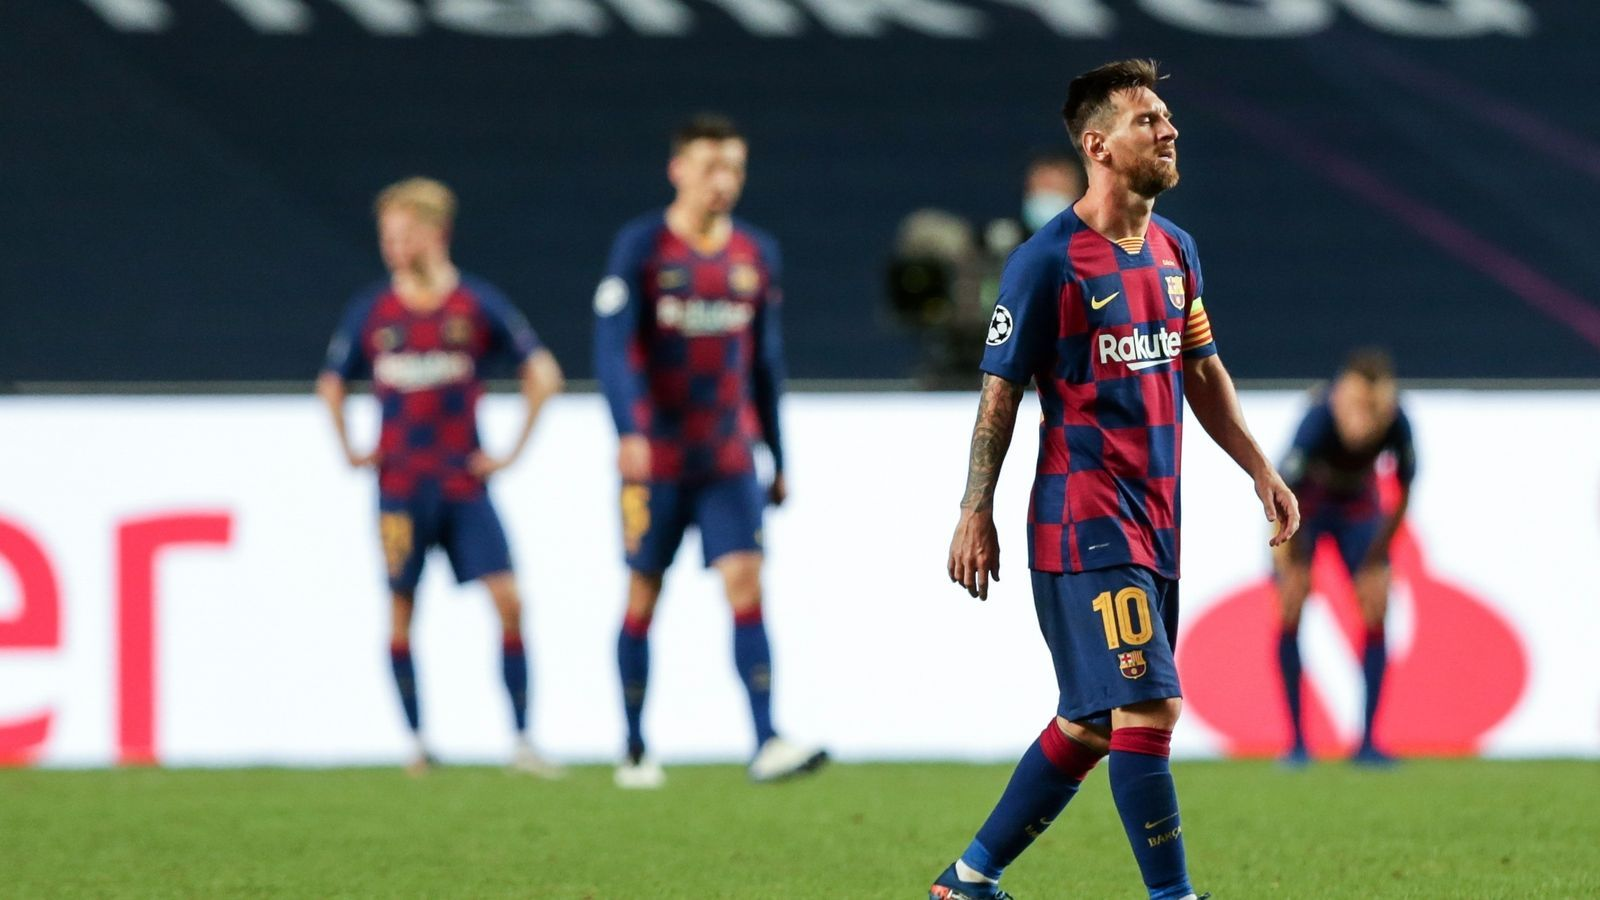 De Quim Torra a Carles Puyol, les reaccions a la decisió de Lionel Messi